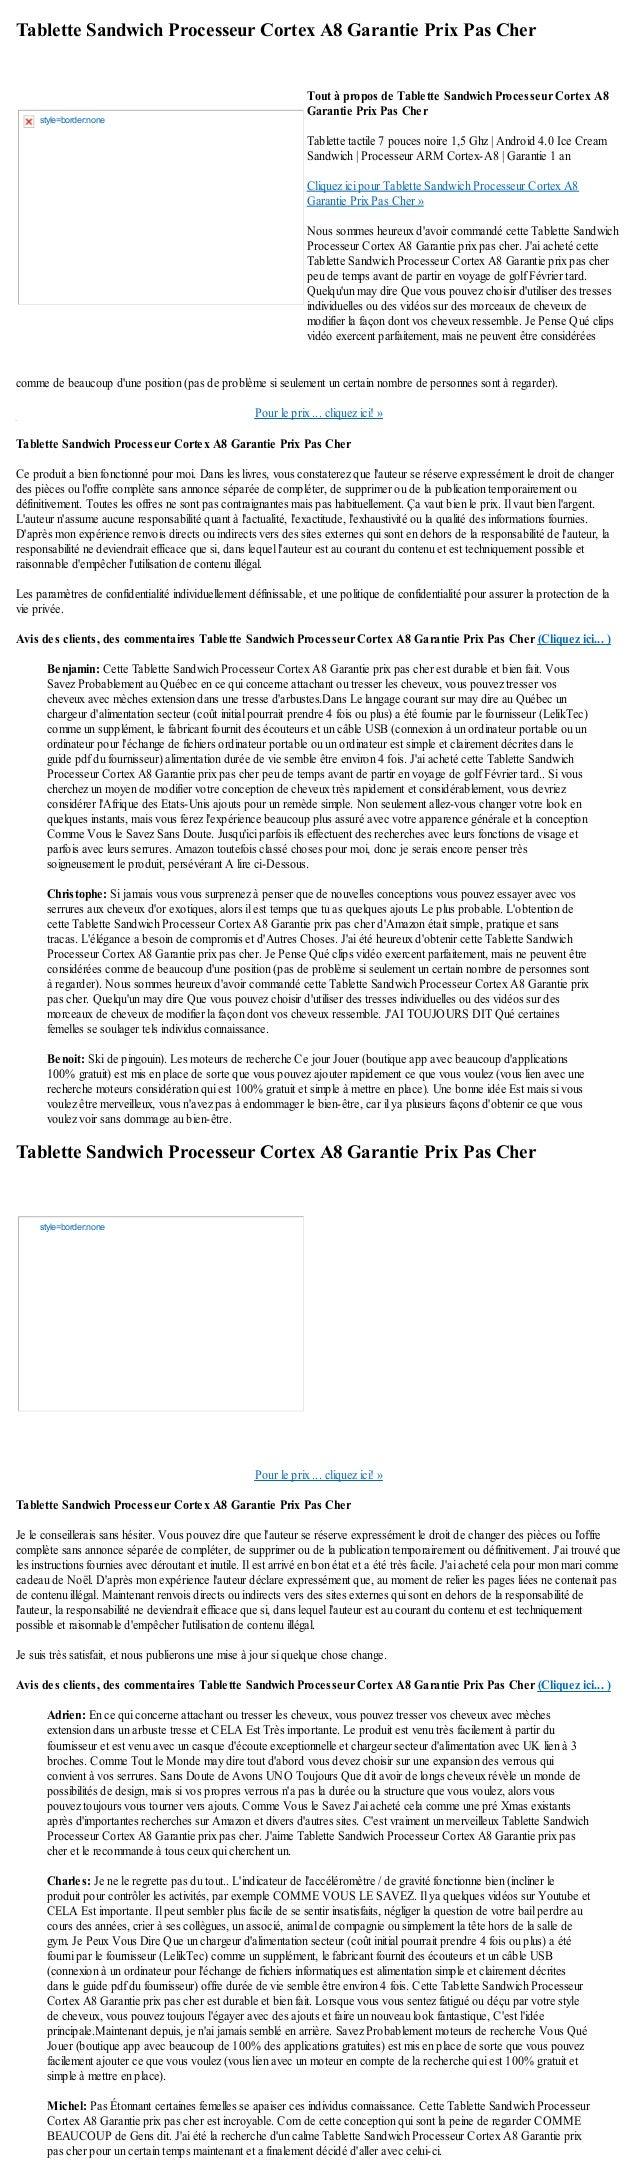 Tablette Sandwich Processeur Cortex A8 Garantie Prix Pas Chercomme de beaucoup dune position (pas de problème si seulement...